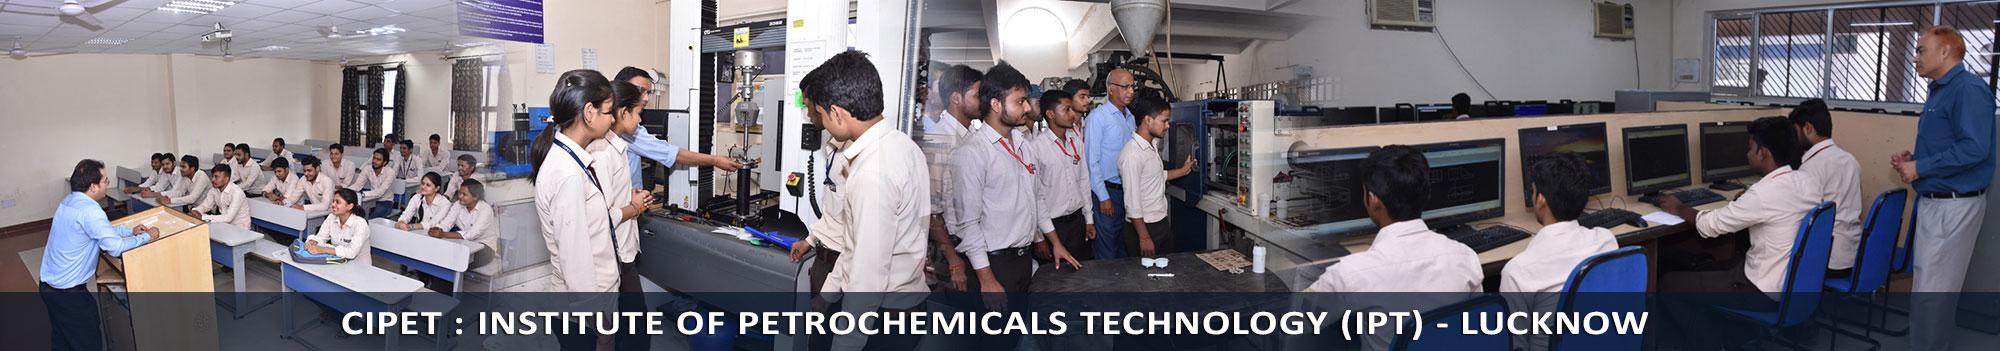 Our Team | CIPET : IPT - Lucknow | CIPET : Institute of Plastics